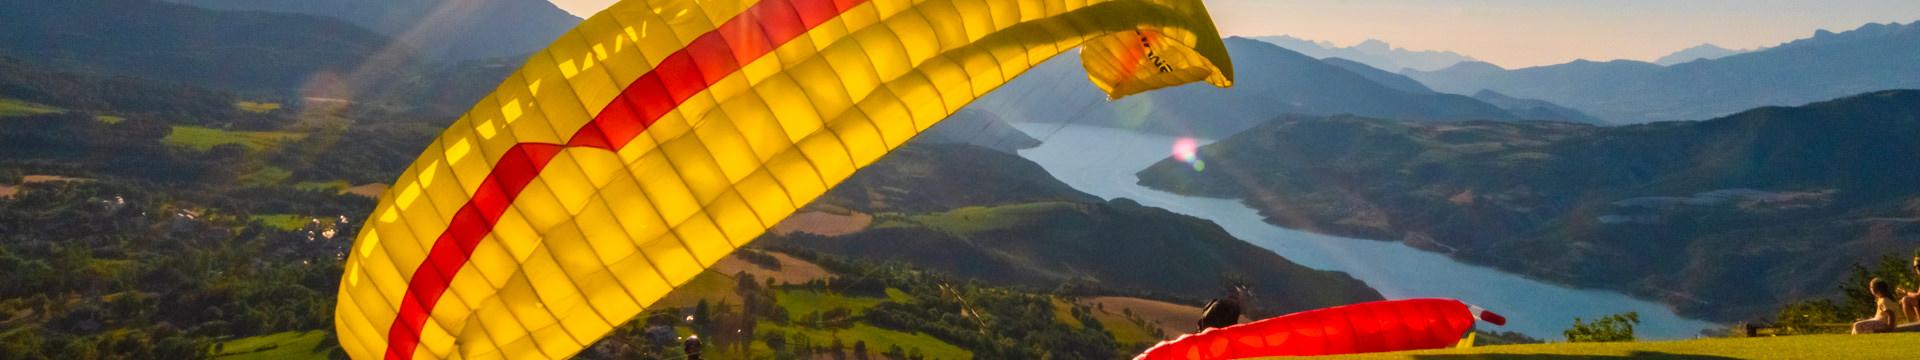 Les activités aériennes sur Serre-Ponçon